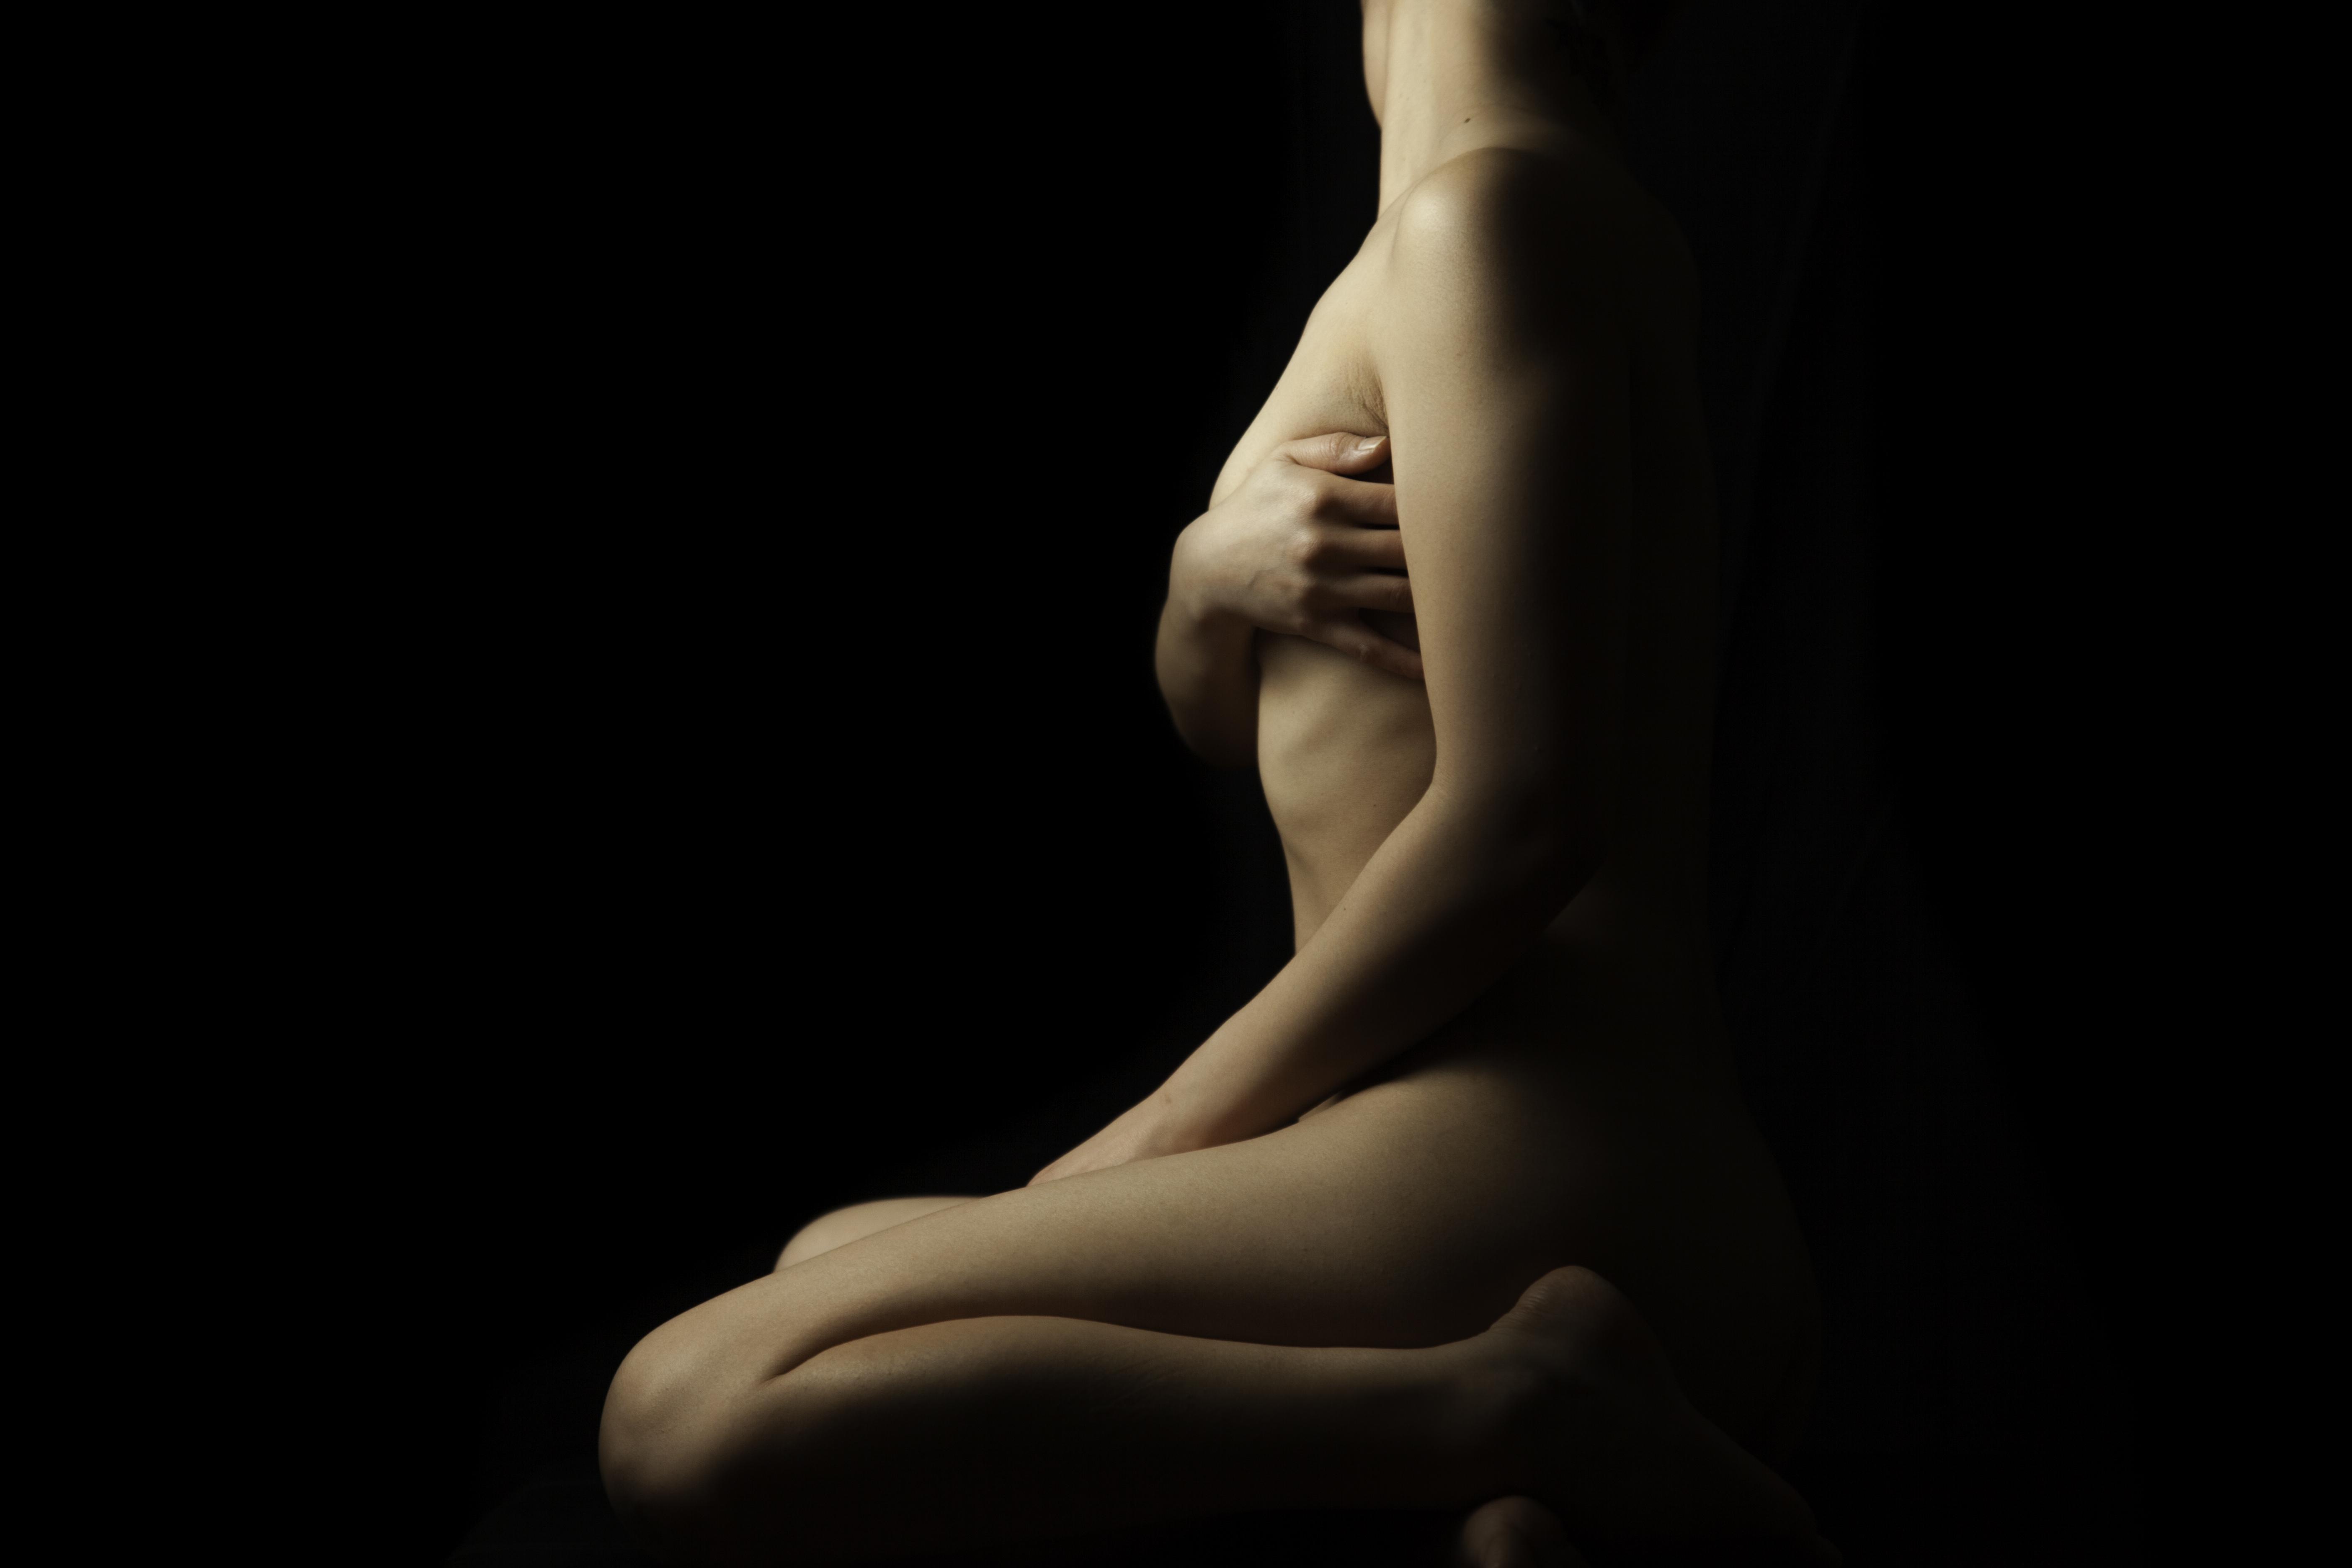 x sexe porno Casting pour porno